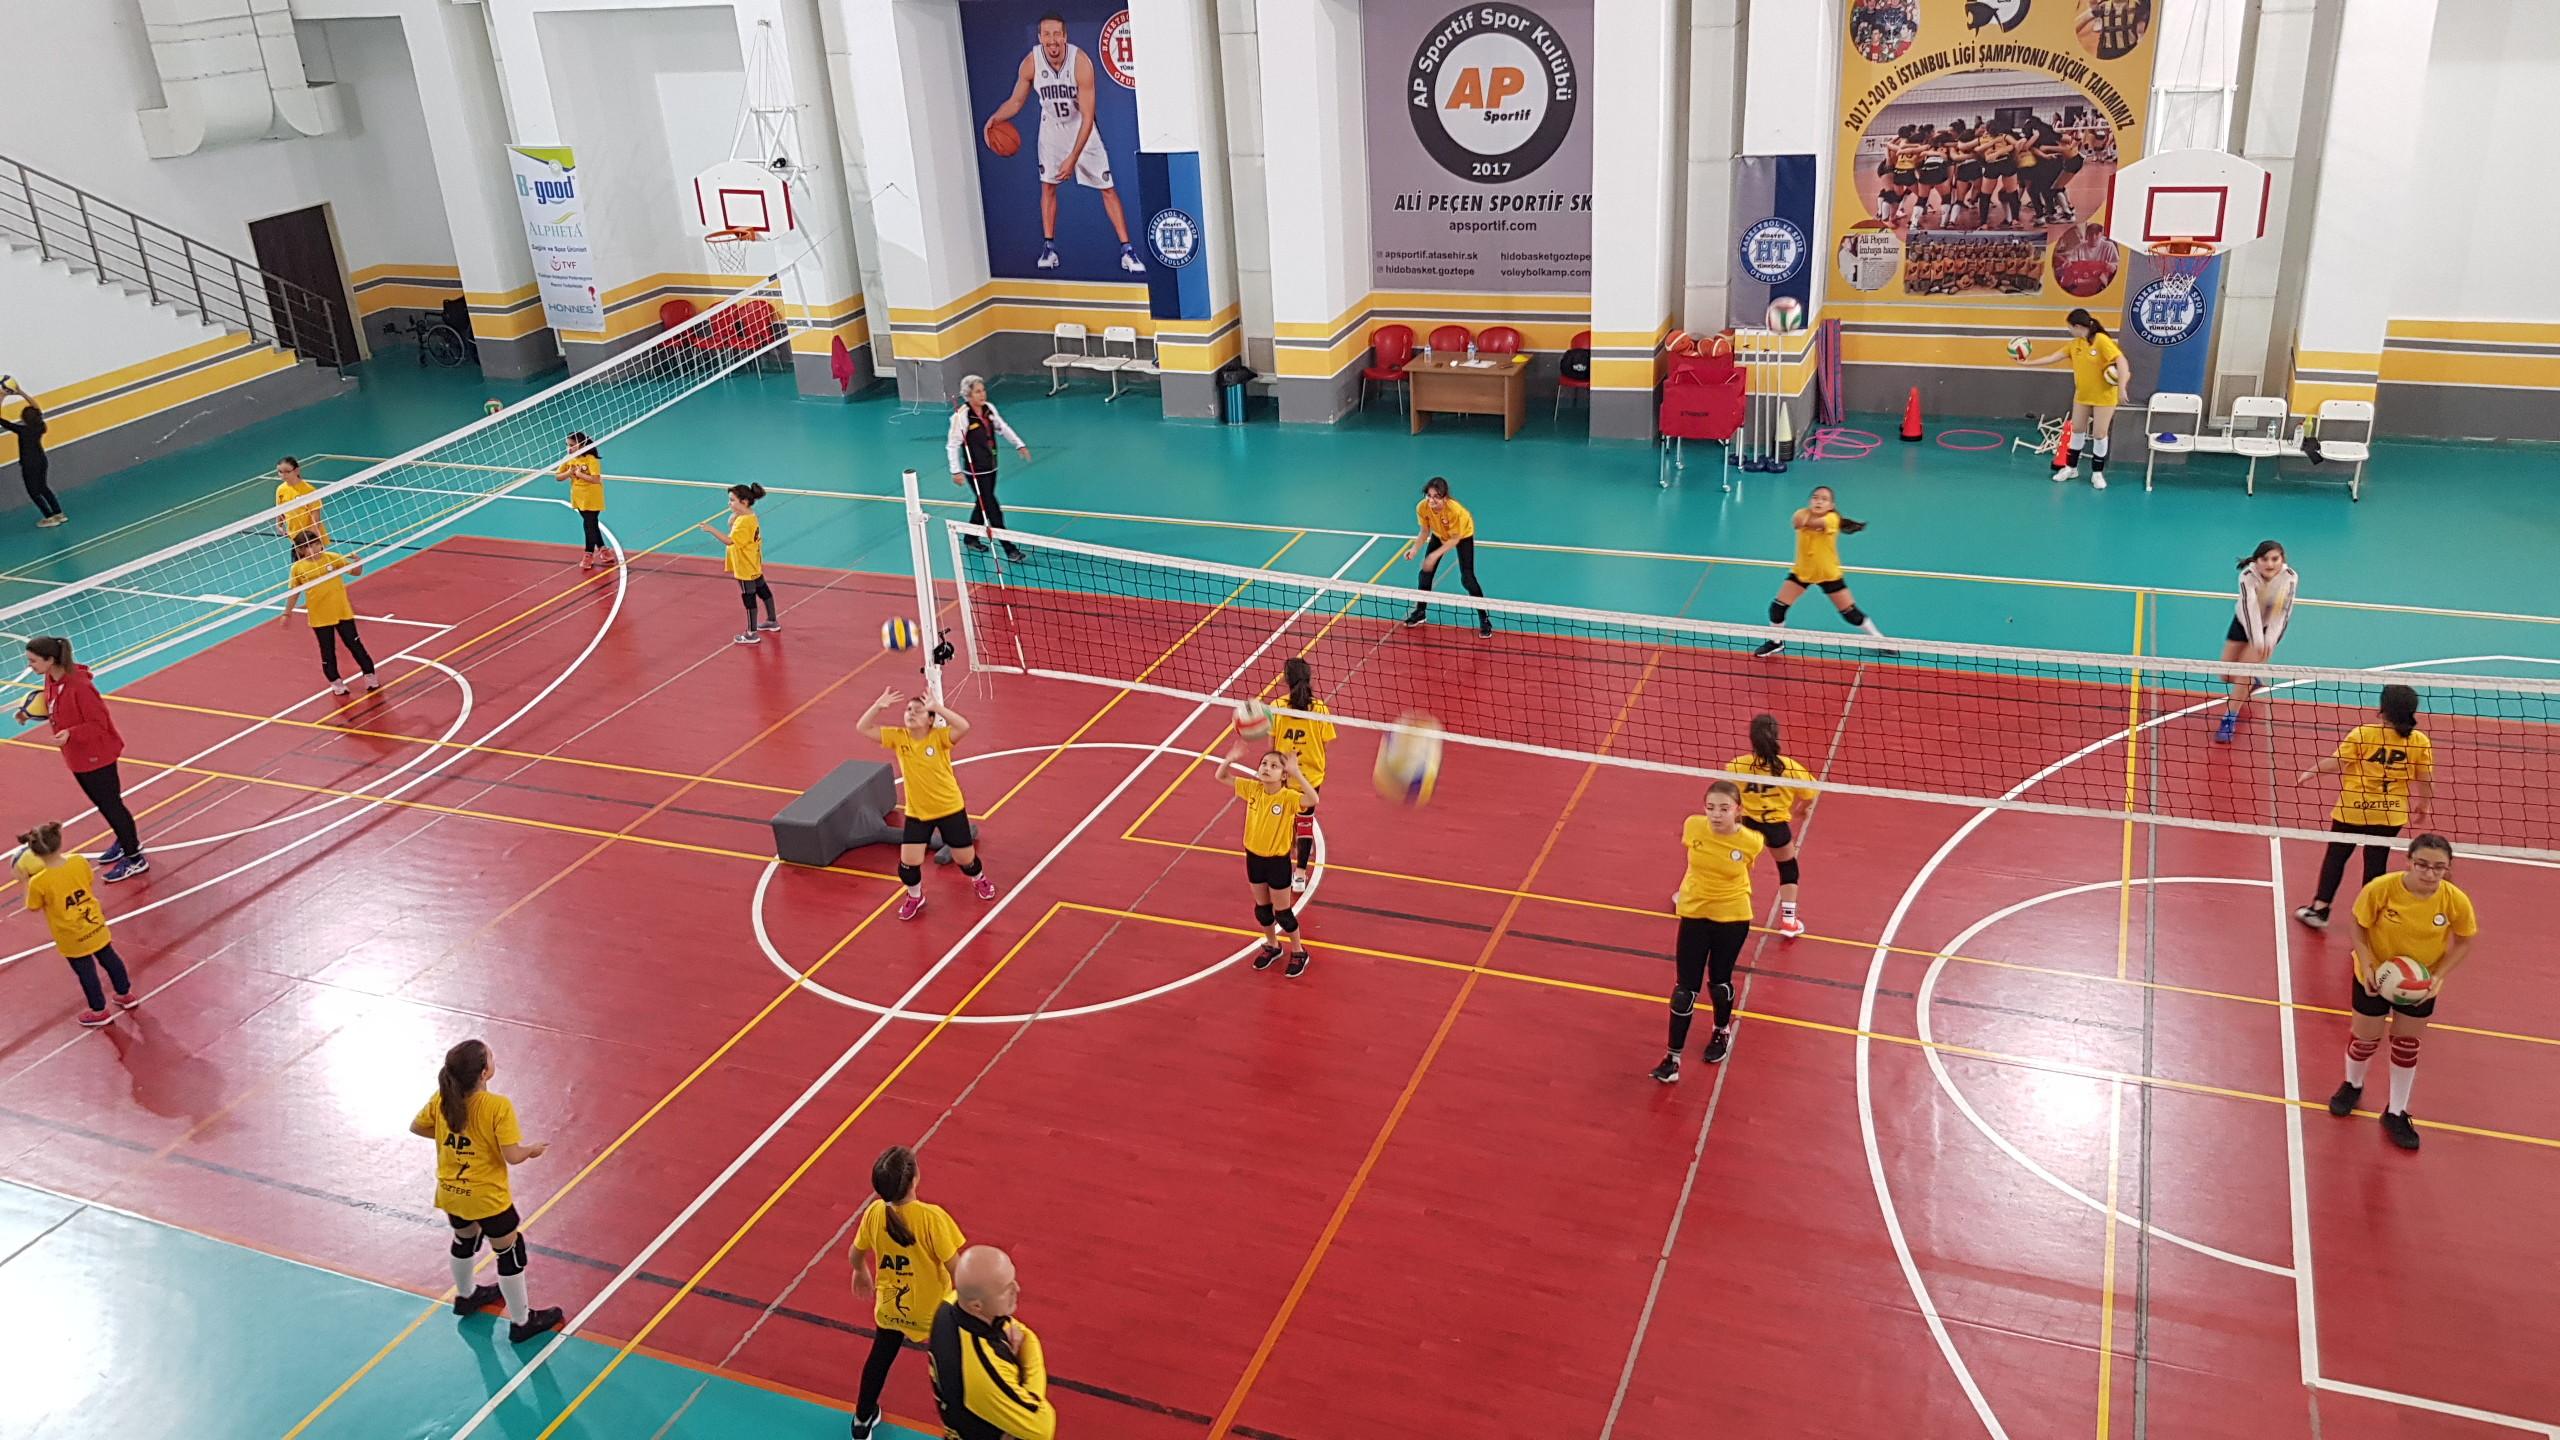 göztepe voleybol okulu, ümraniye voleybol kulübü.